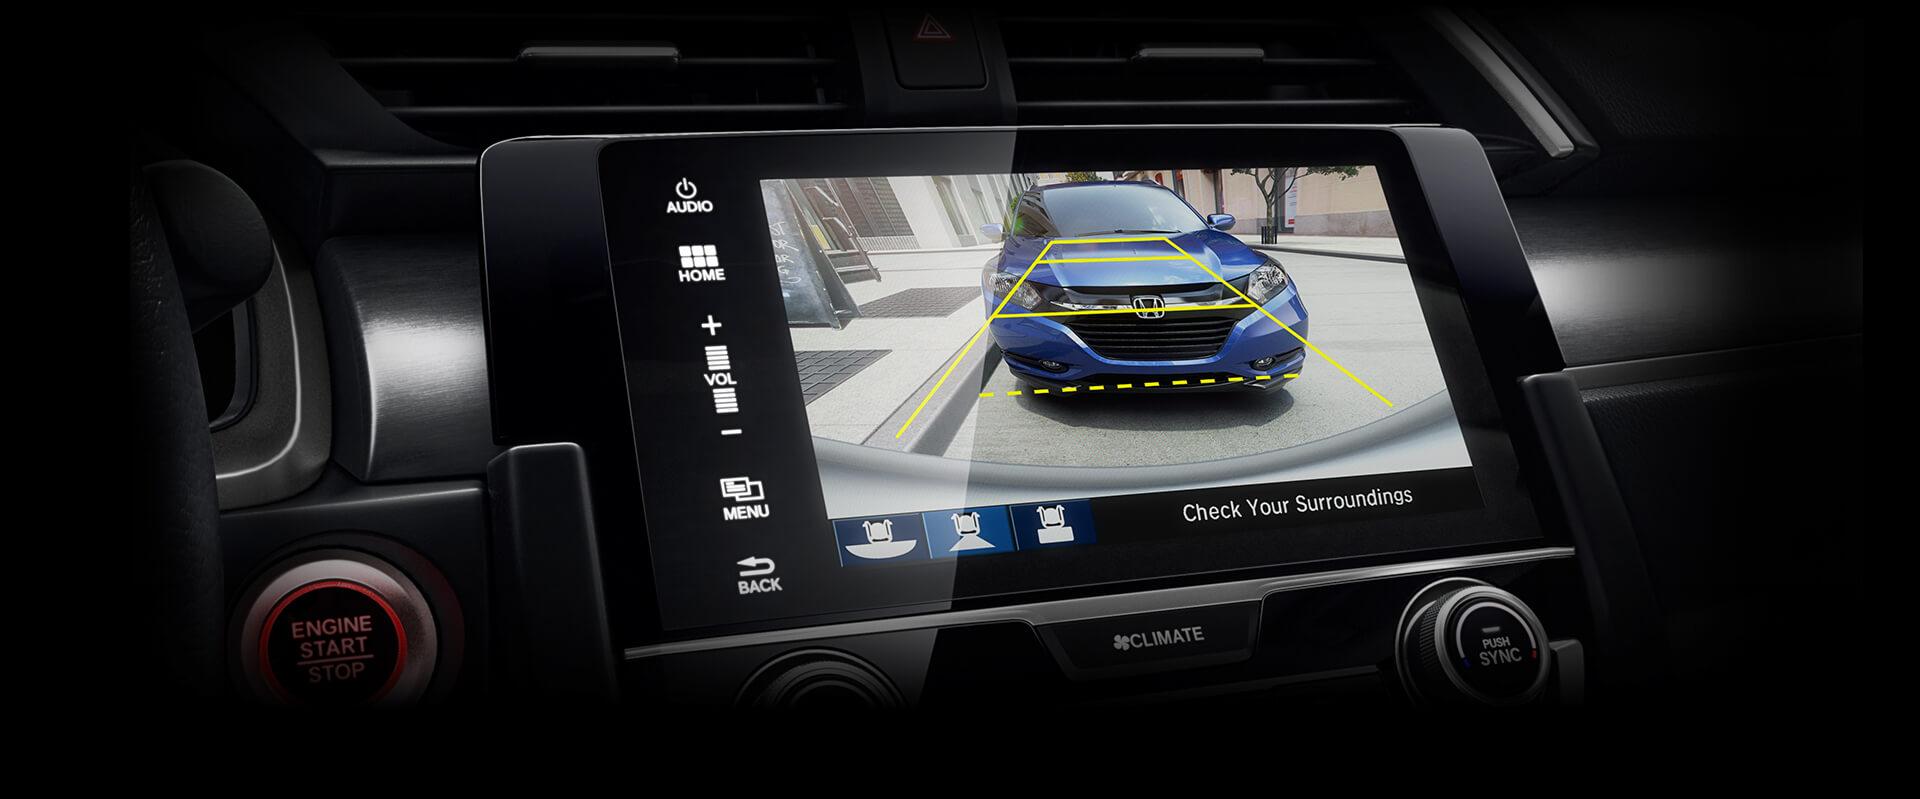 2016 Honda Accord Sedan Rearview Camera